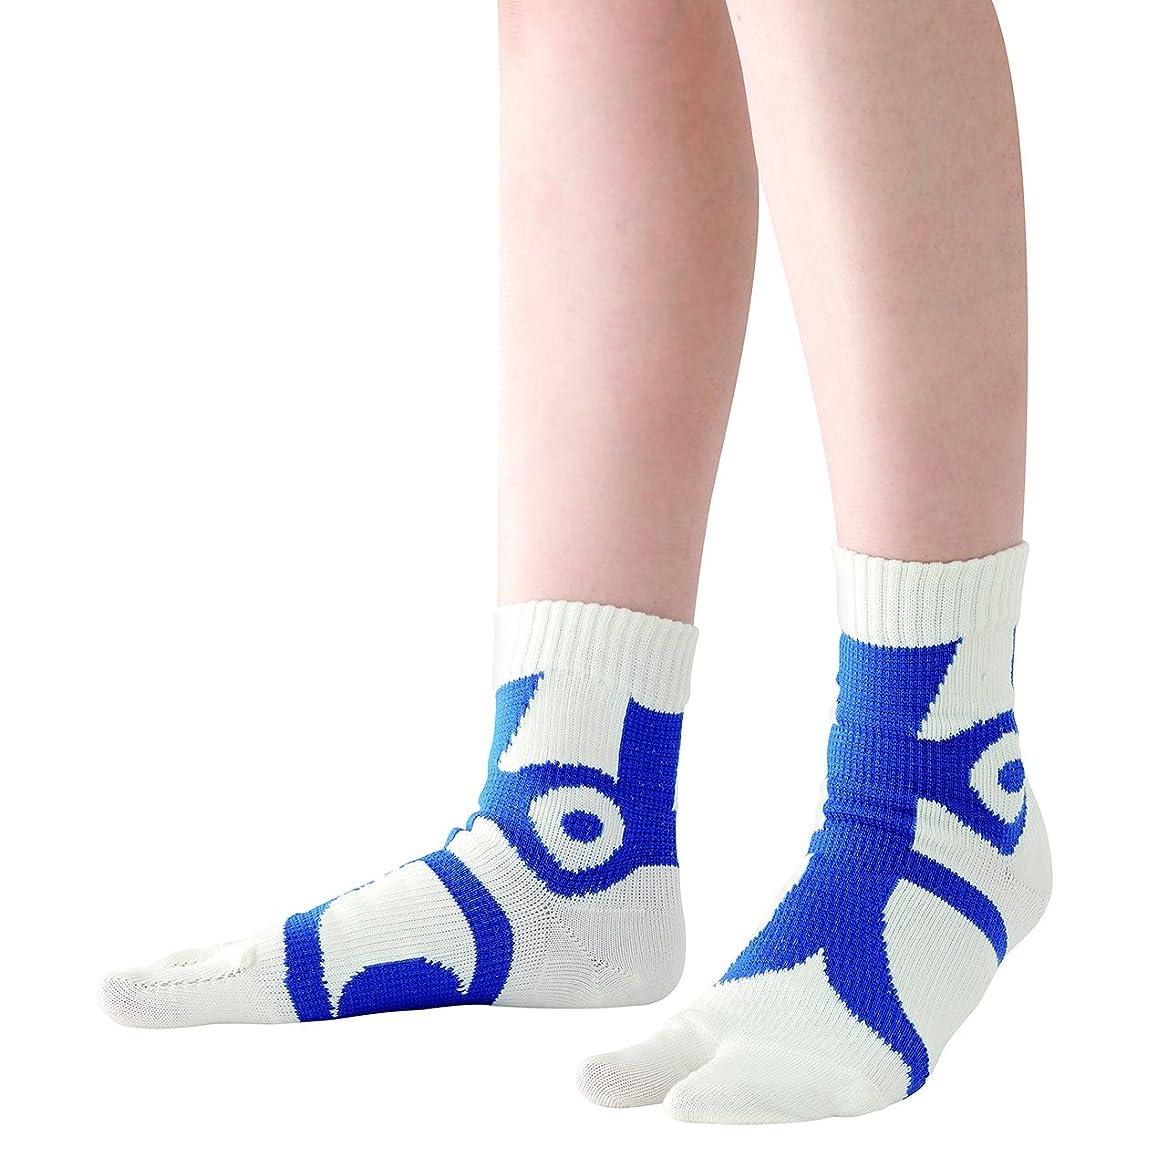 恥ずかしい国内のふける快歩テーピング靴下 ホワイト×ブルー